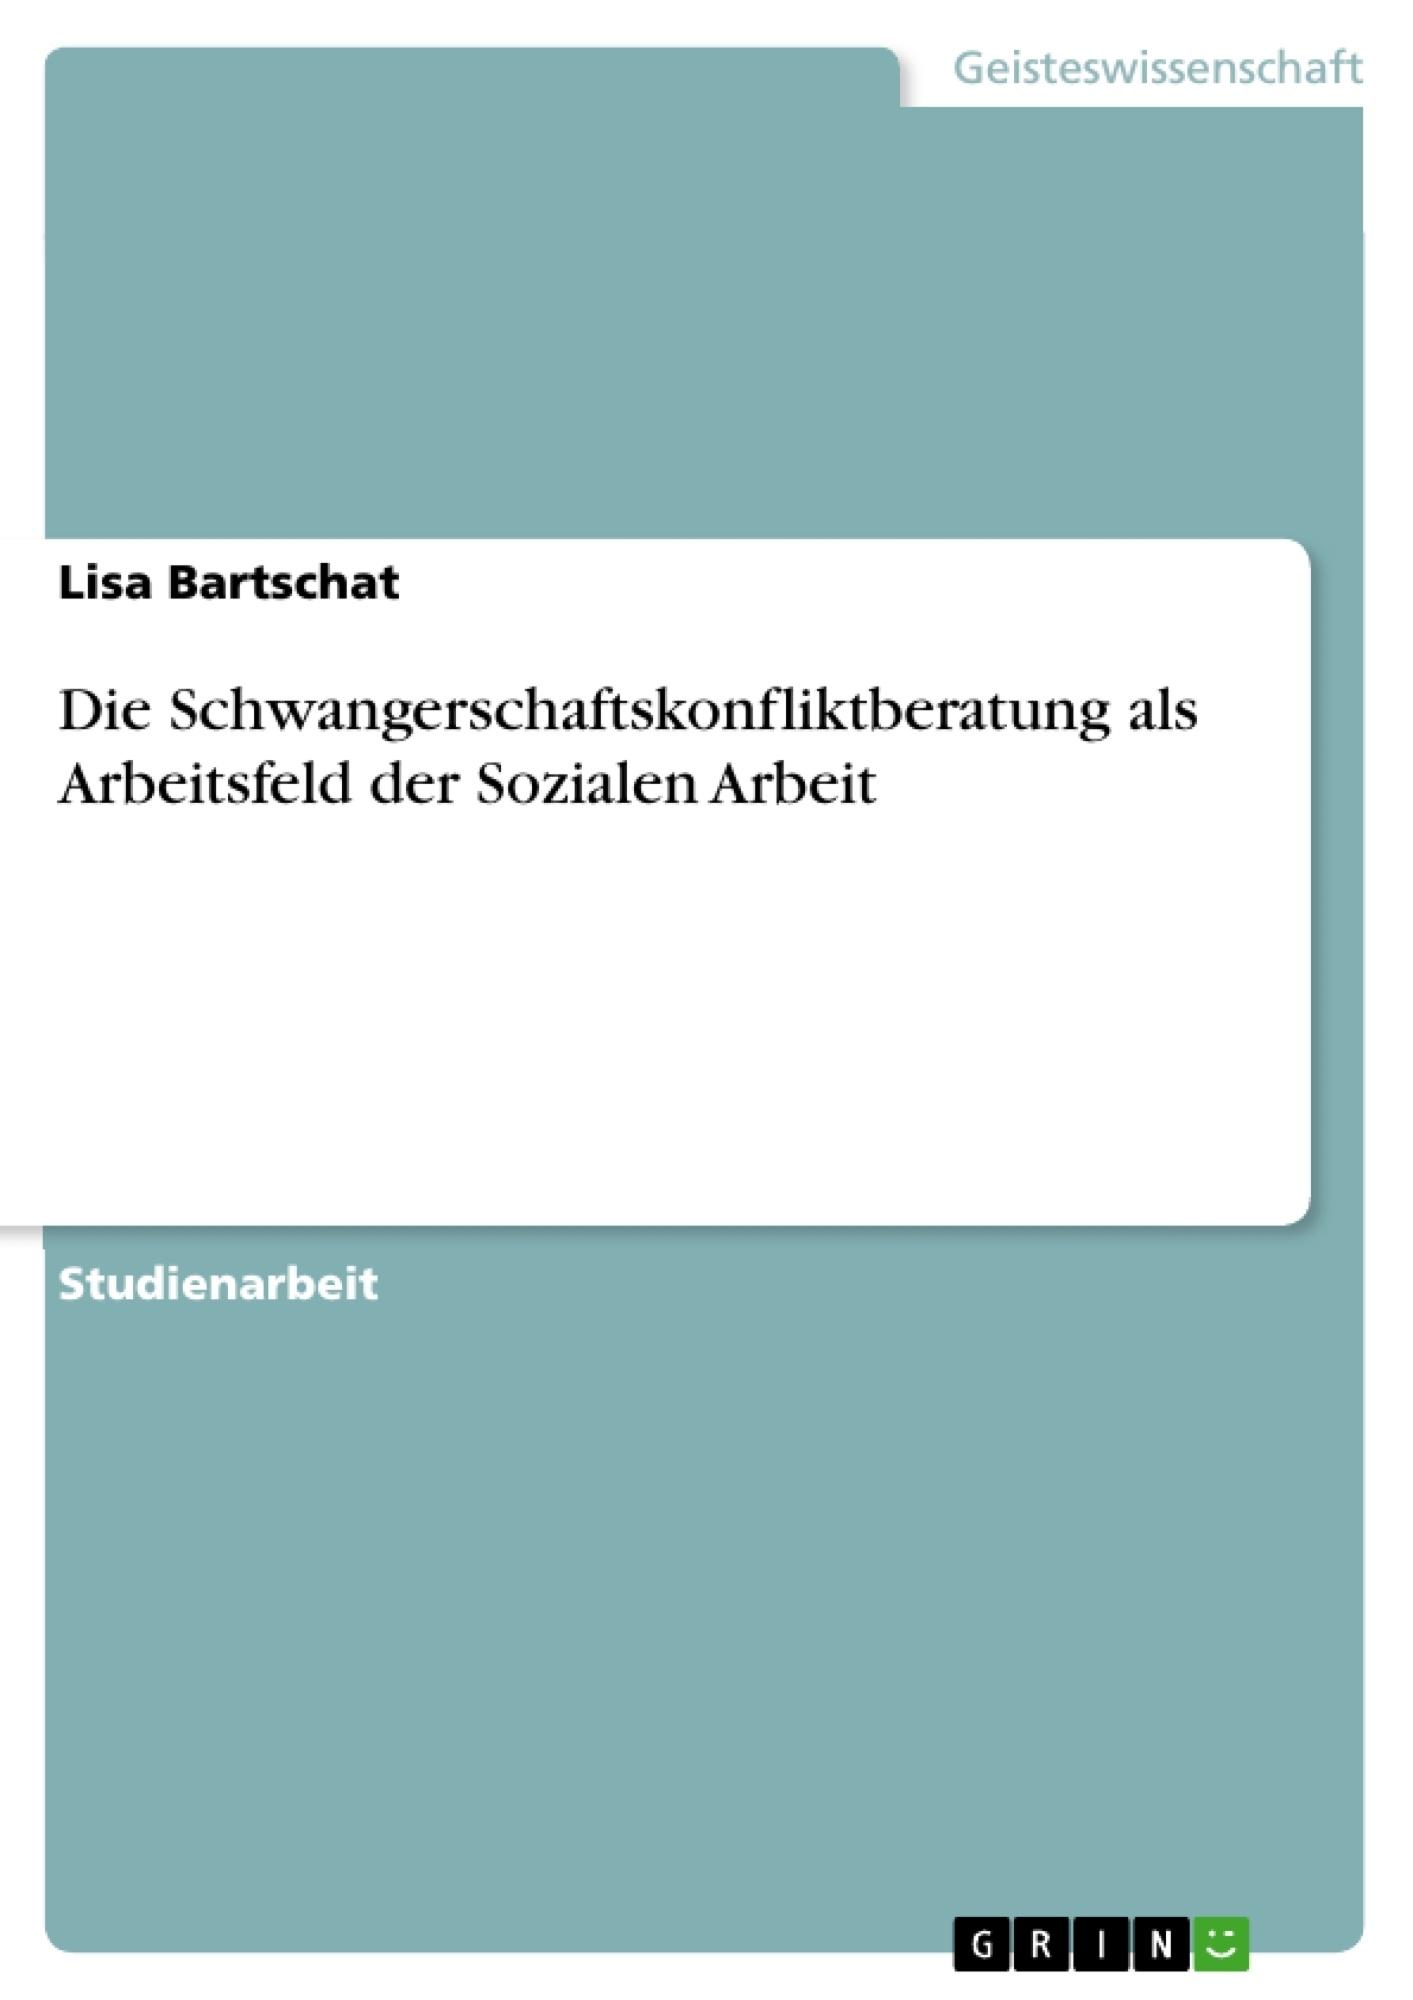 Titel: Die Schwangerschaftskonfliktberatung als Arbeitsfeld der Sozialen Arbeit